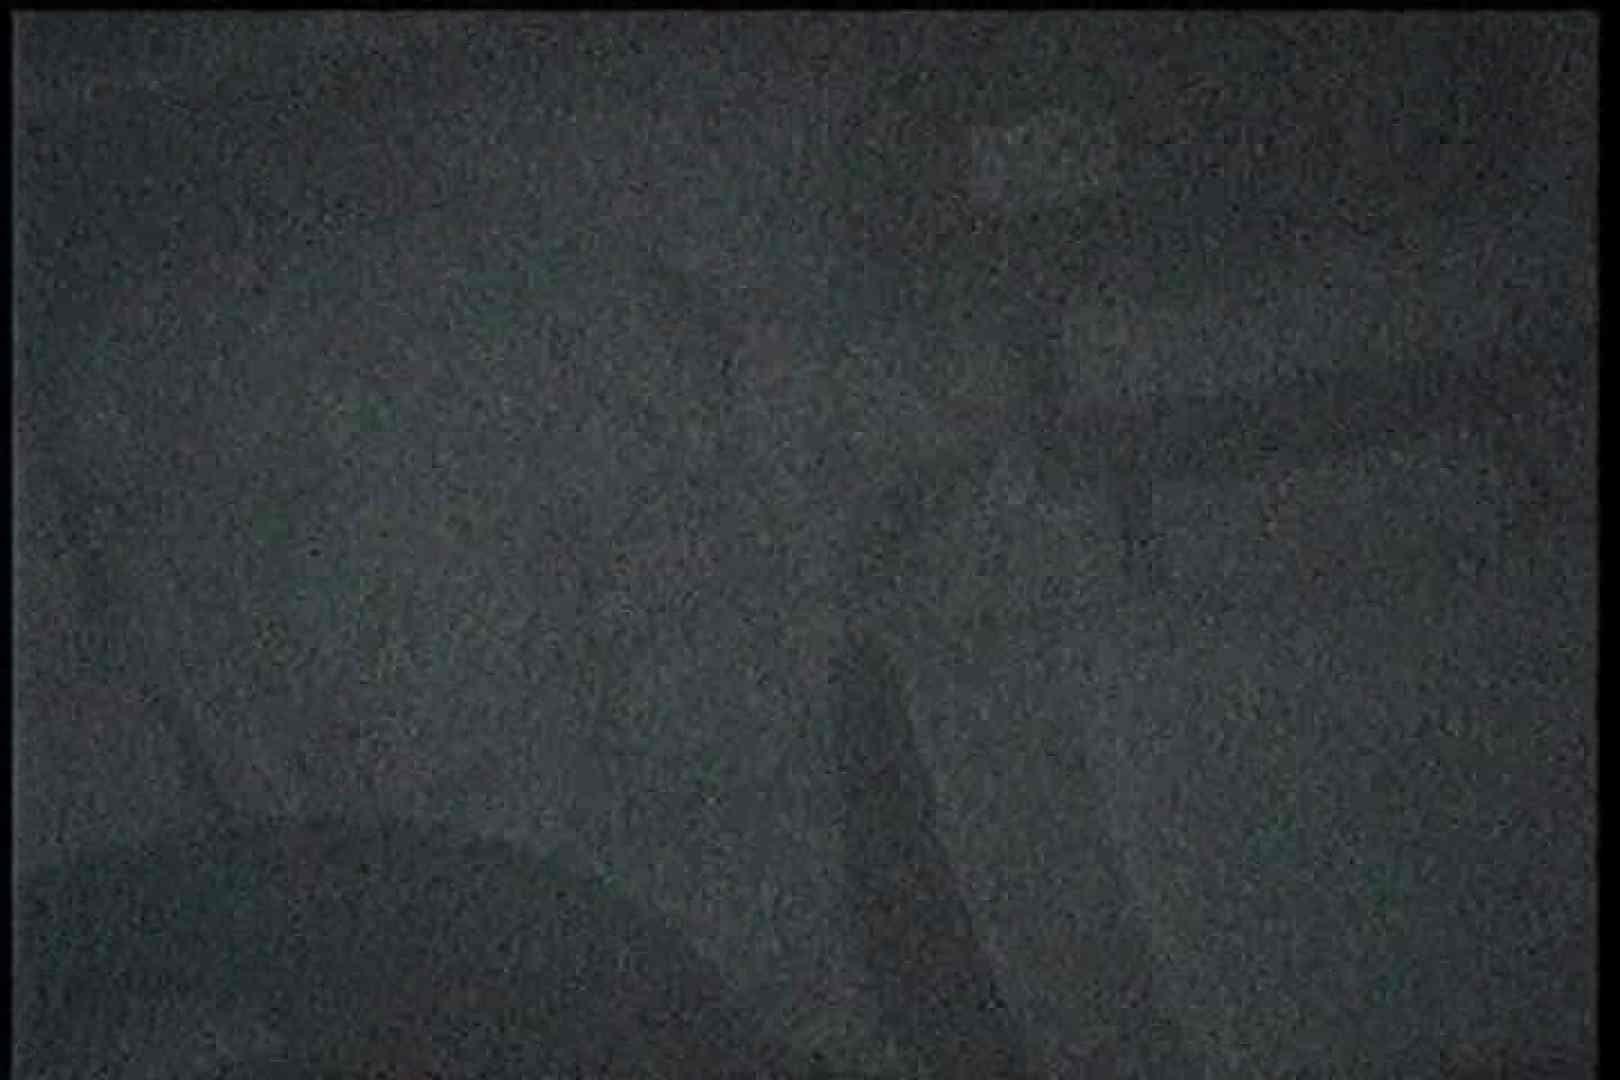 充血監督の深夜の運動会Vol.200 エロティックなOL | エッチなセックス  75画像 1